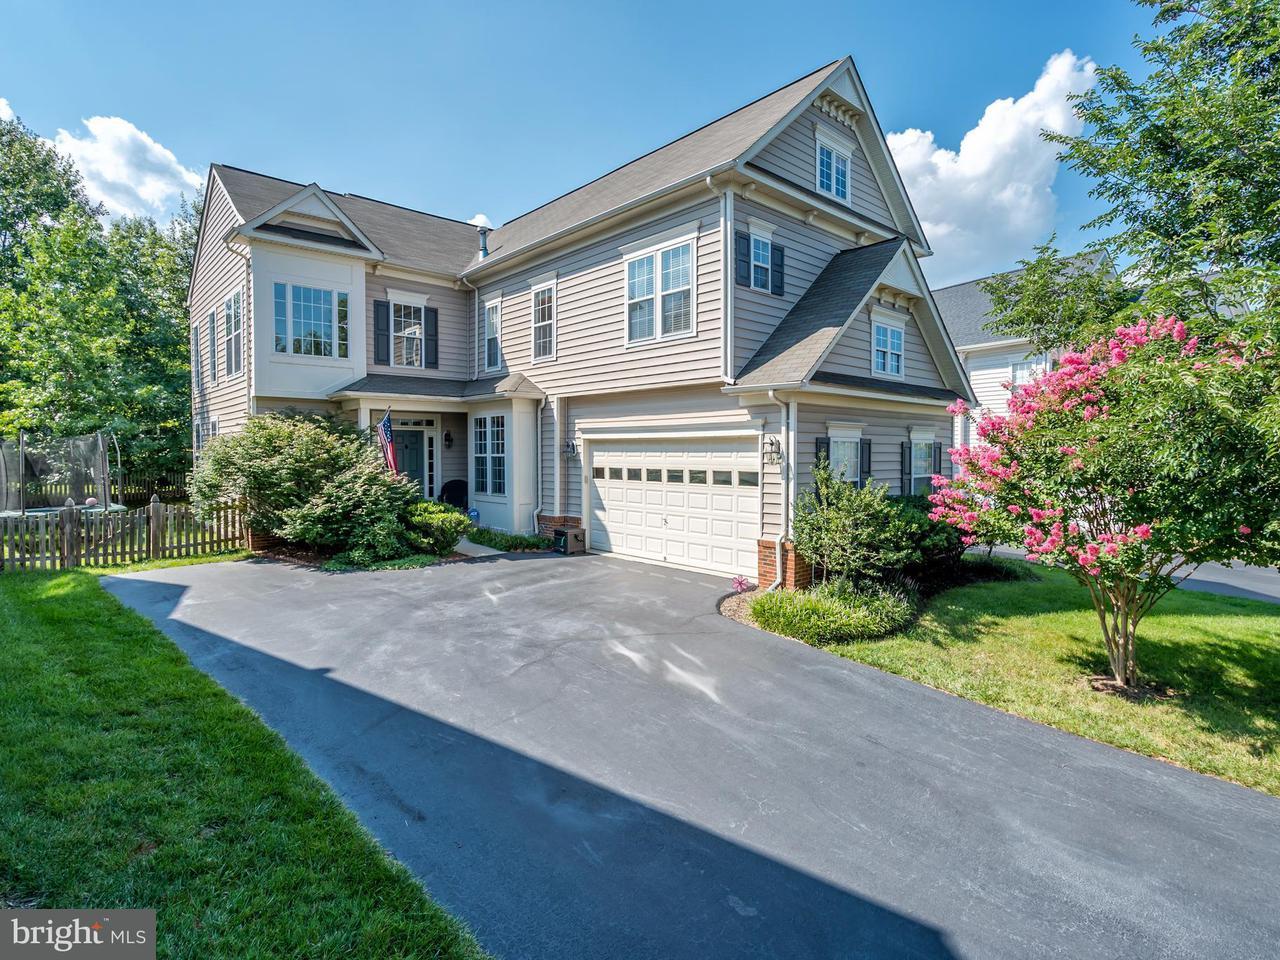 独户住宅 为 销售 在 21993 STONESTILE Place 21993 STONESTILE Place Broadlands, 弗吉尼亚州 20148 美国